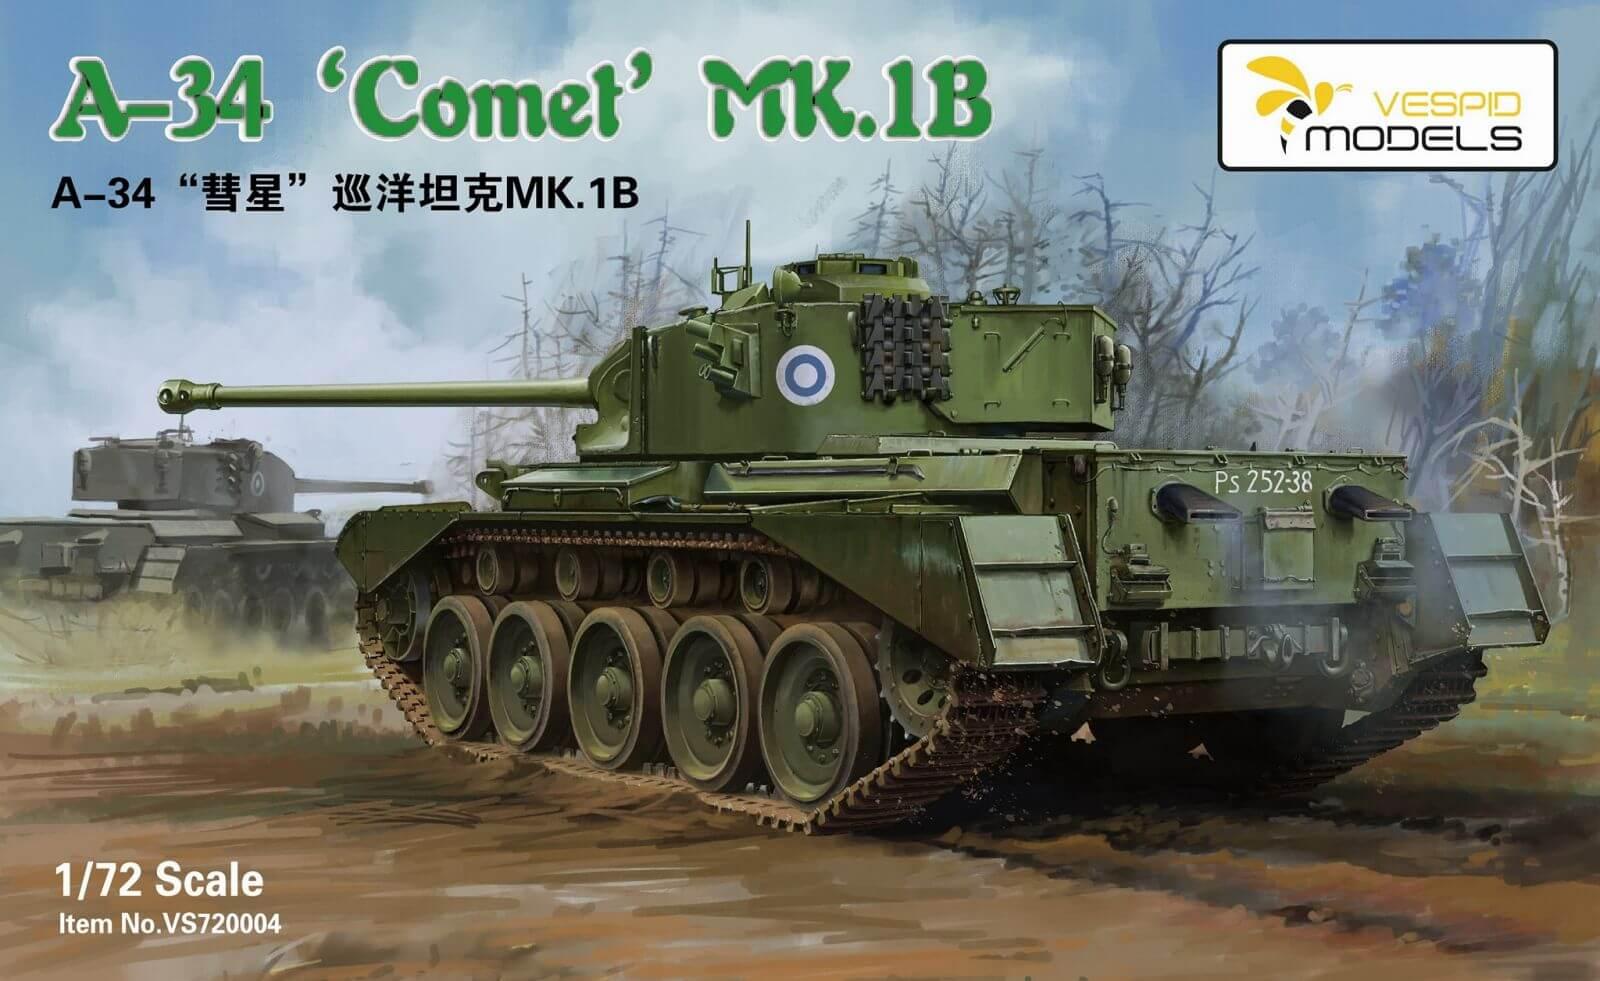 A-34 'Comet' MK.1A a MK.1B - foto00b